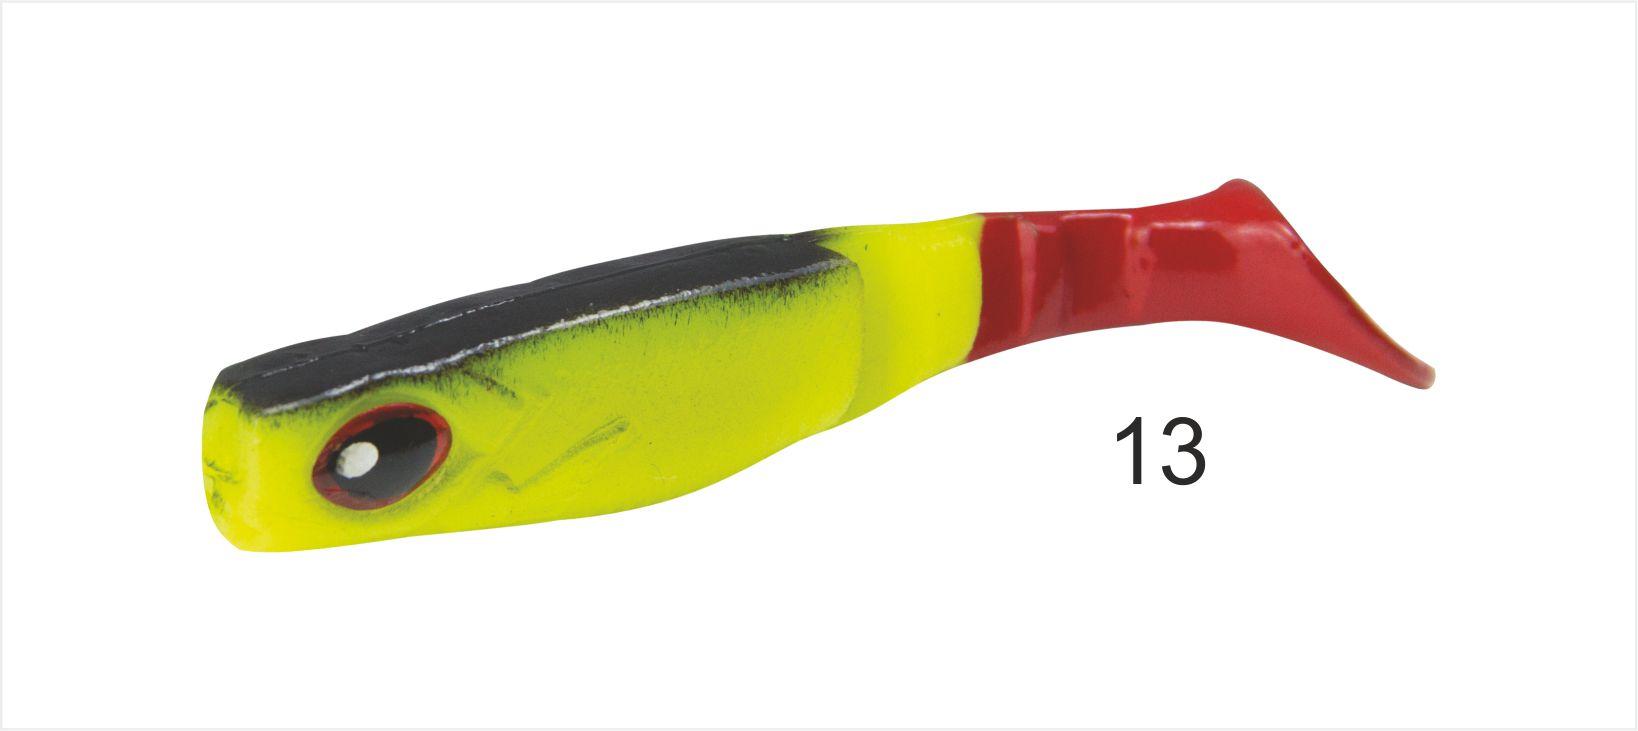 Mistrall gumová nástraha Dominátor 6,5 cm Možnost 13